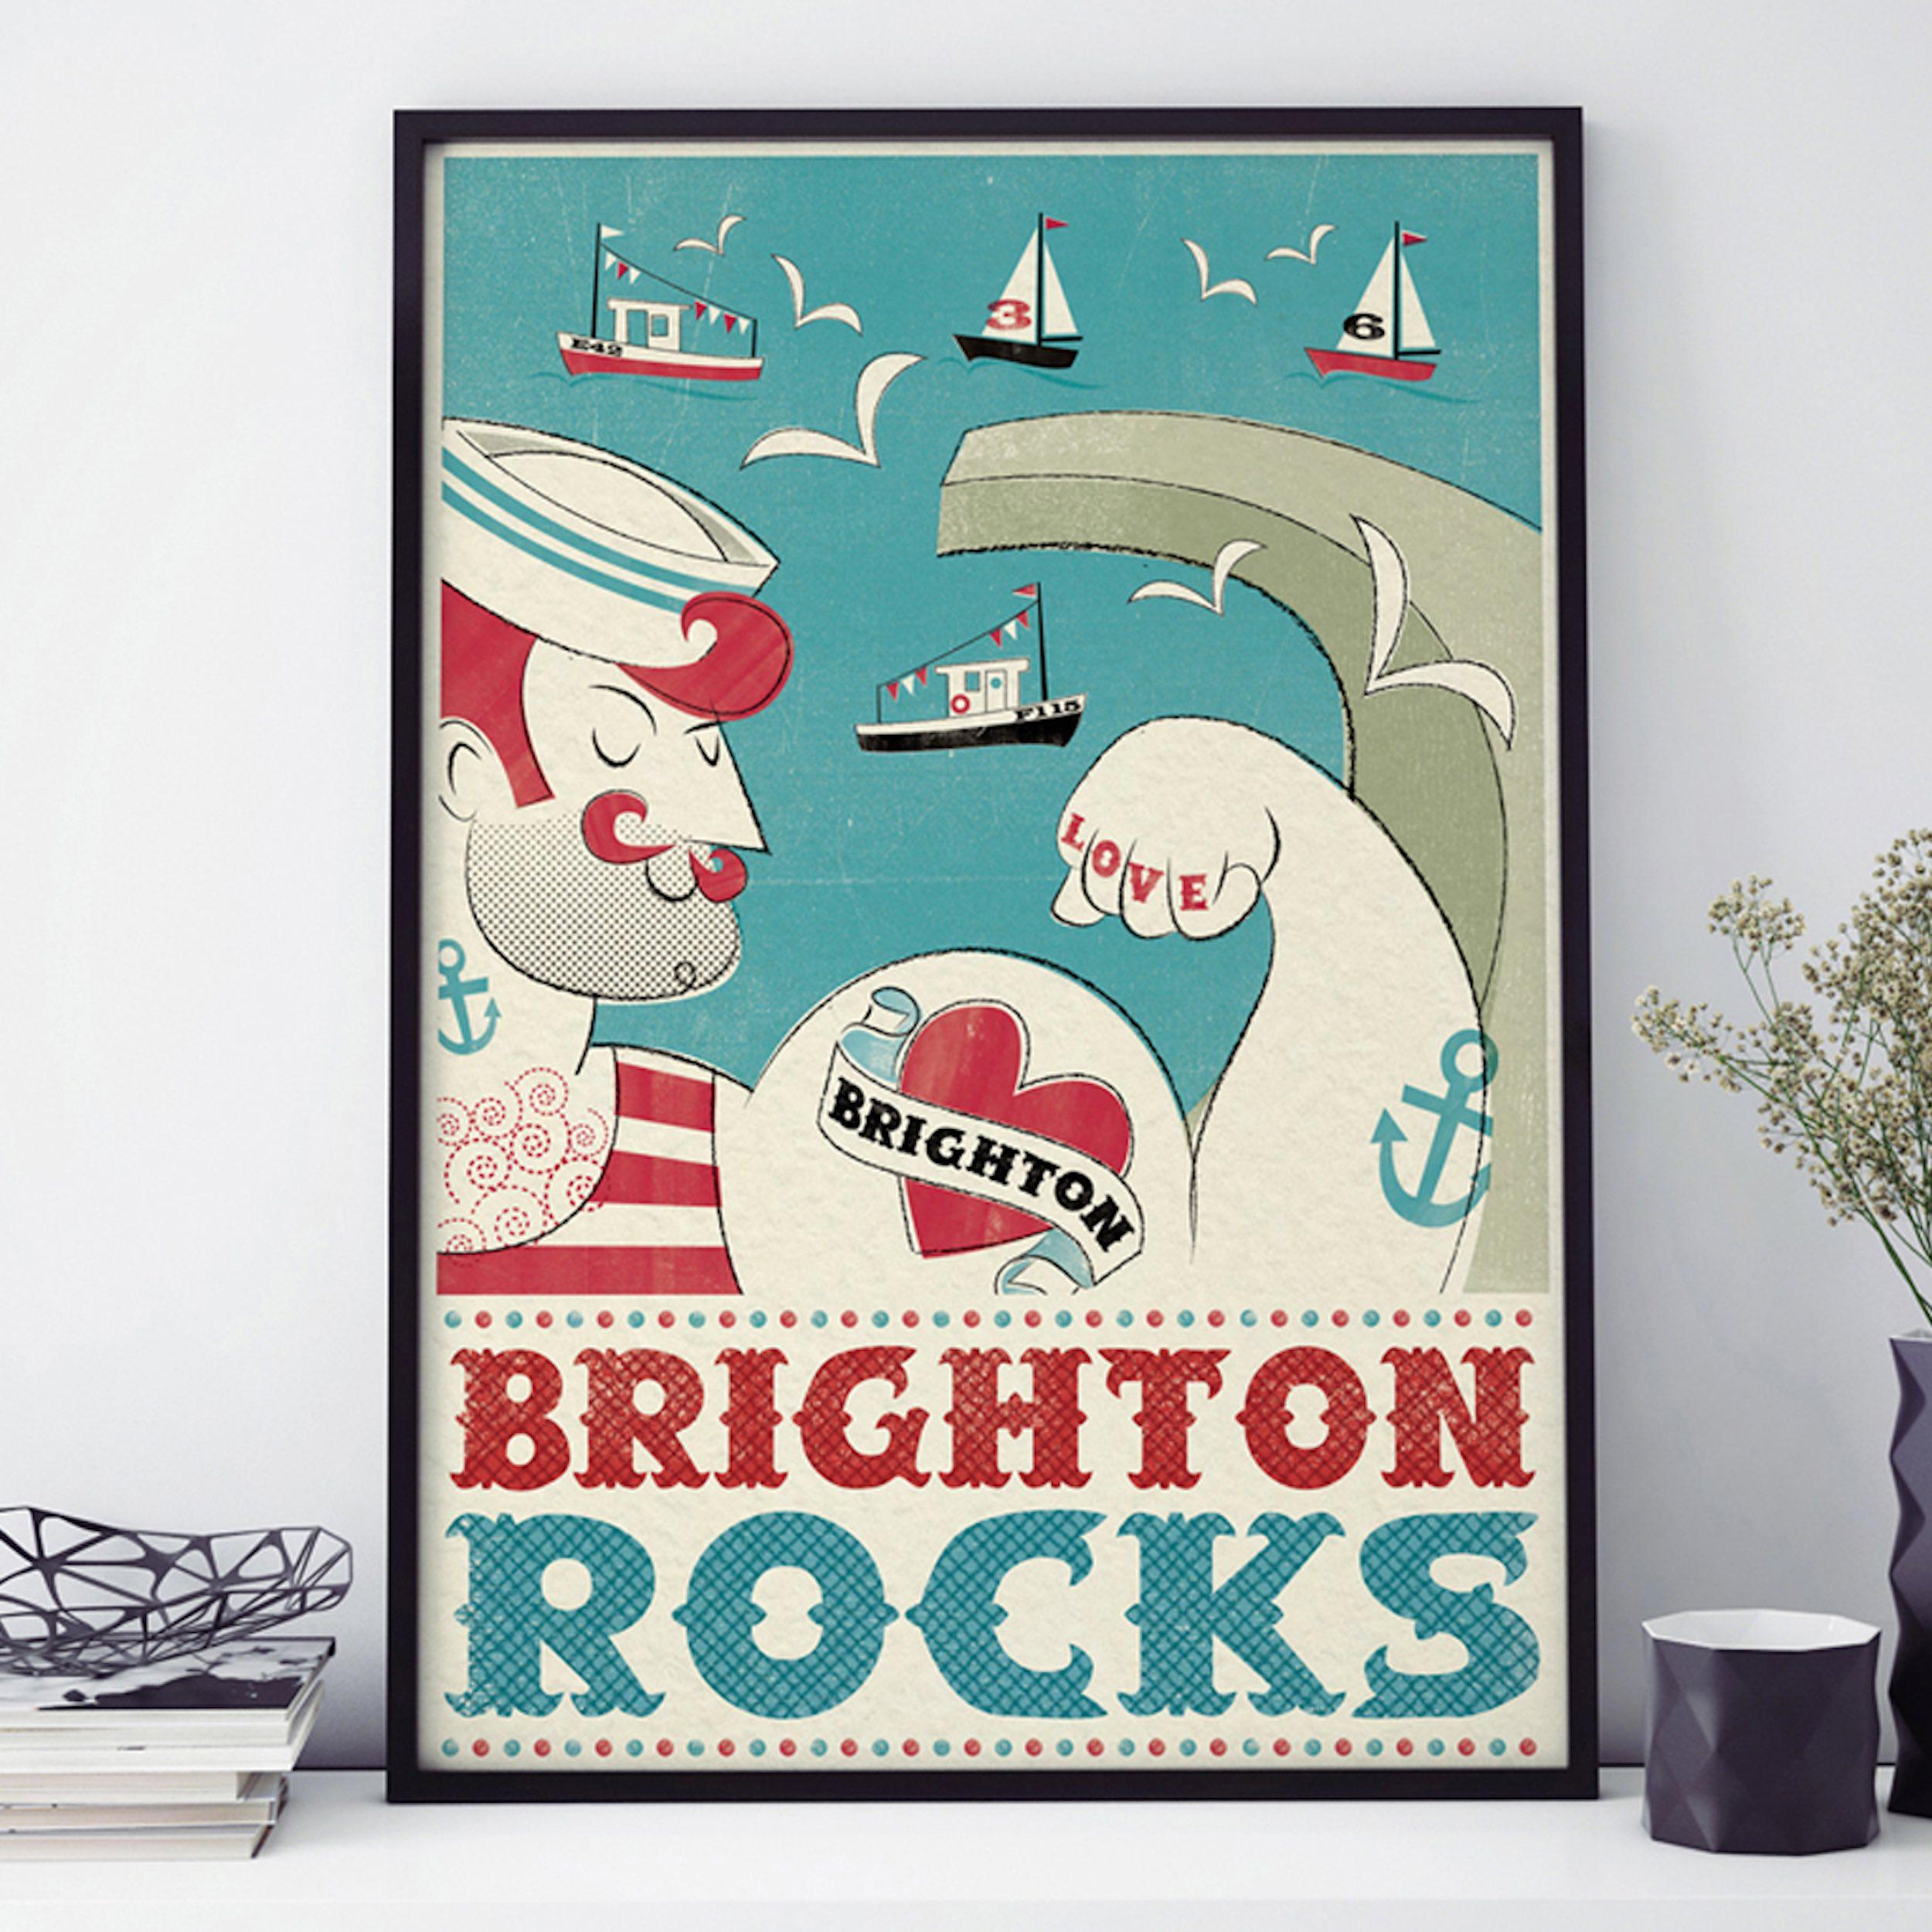 Pennychoo, BRIGHTON ROCKS FRAMED PRINT A3, £16